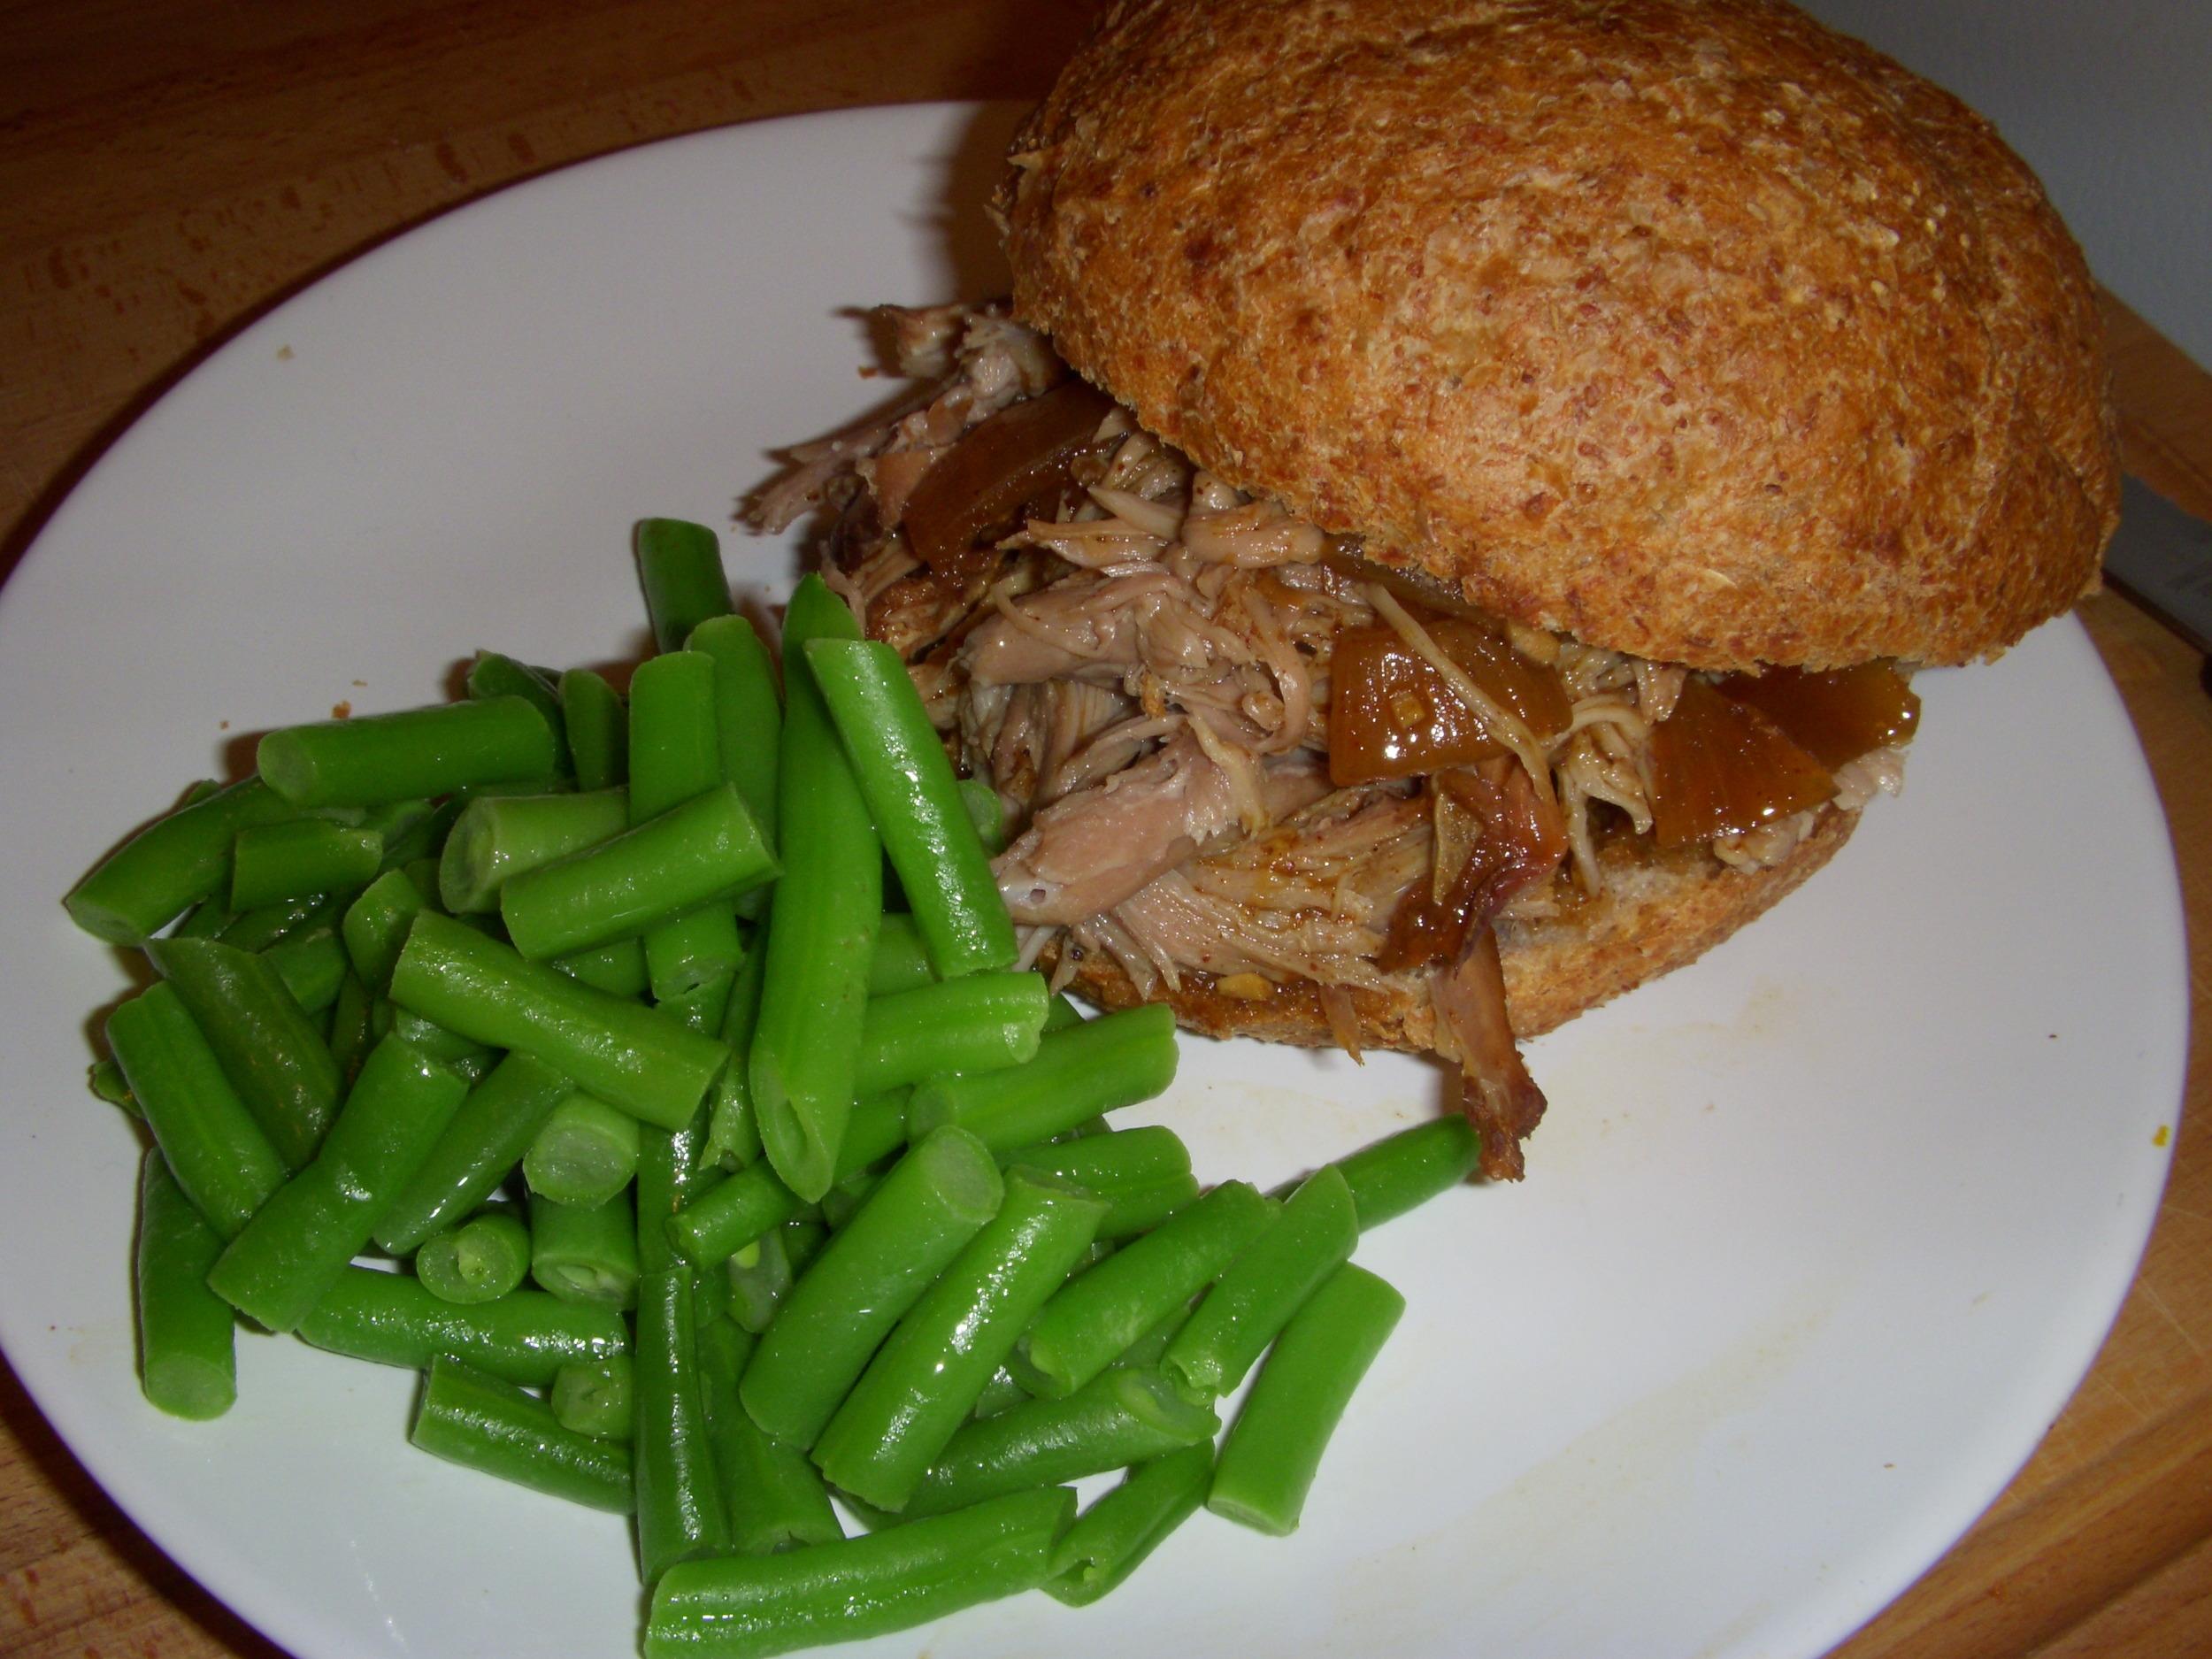 Slowcooker Pulled Pork Sandwich